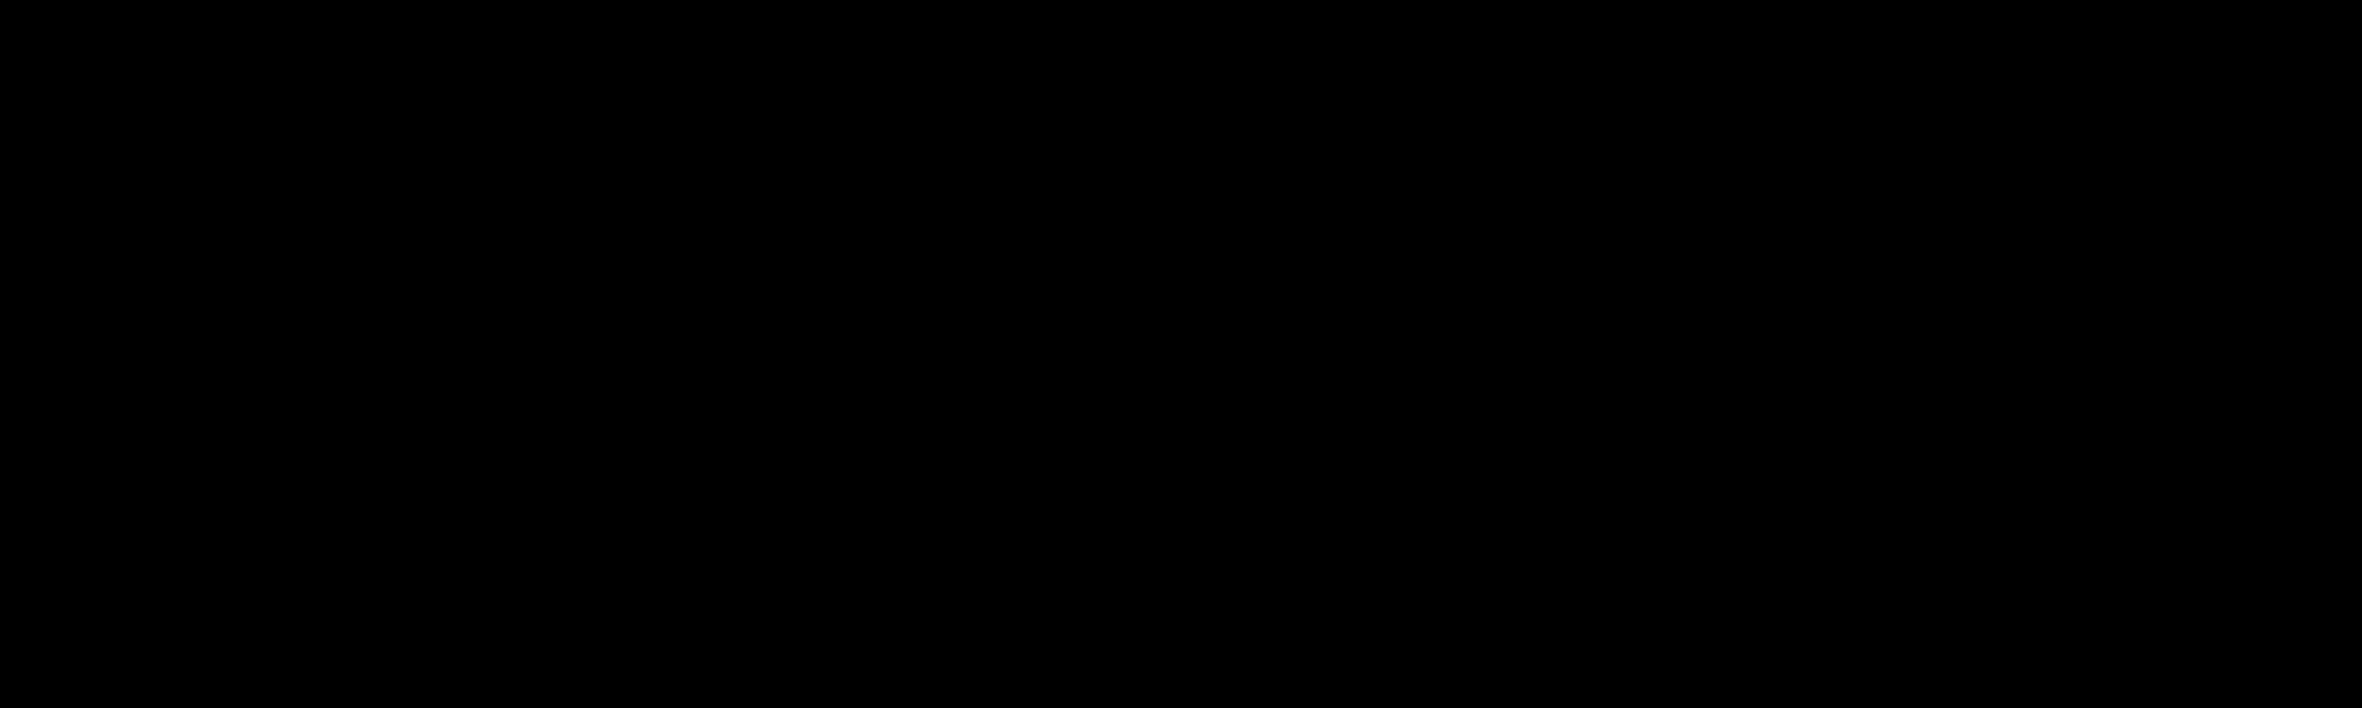 knocking_typography_black_no_bg.png